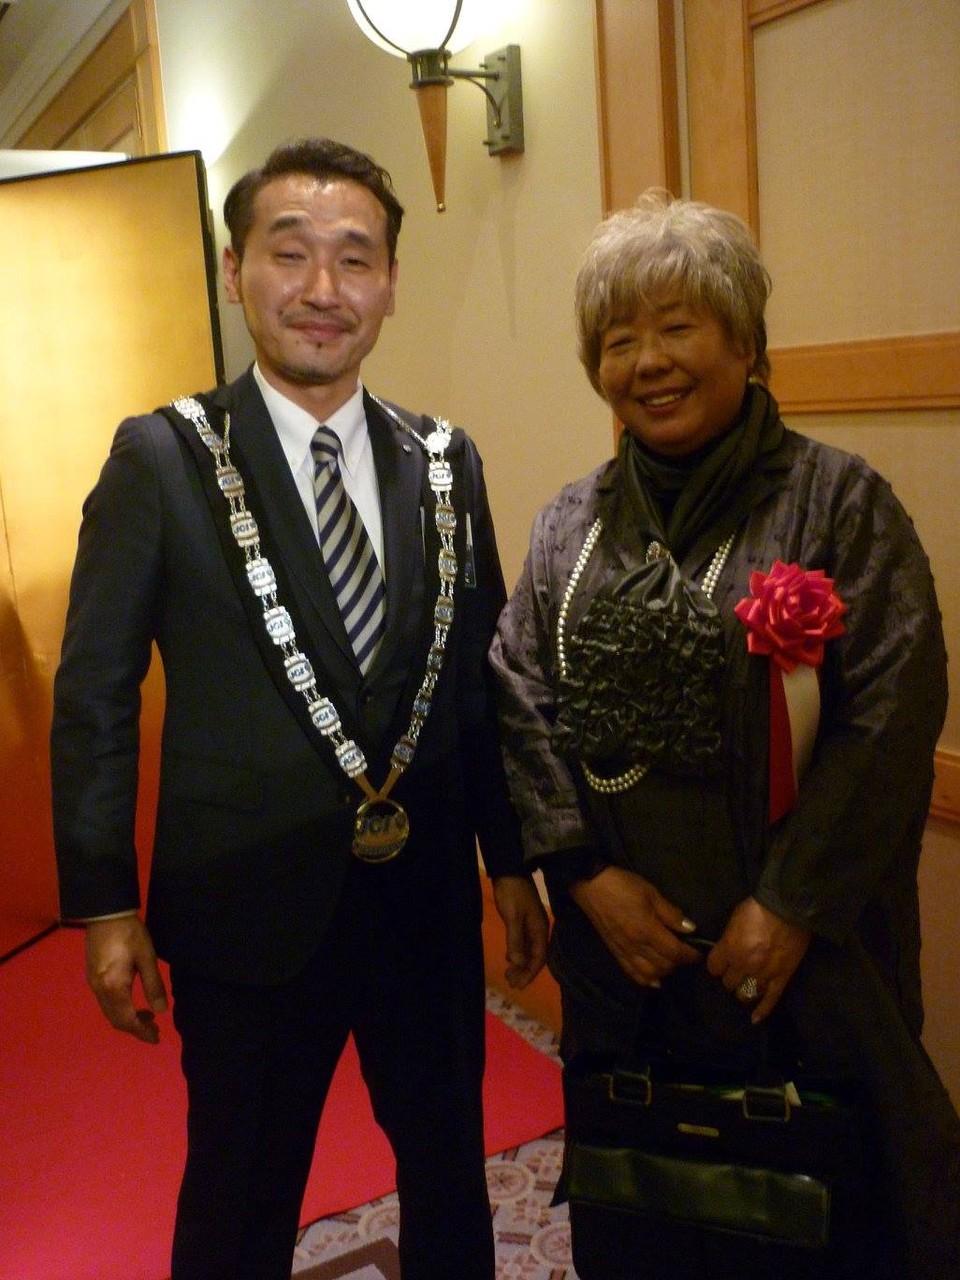 三橋健司青年会議所理事長とお母様の三橋由美さん。母の顔ですね。